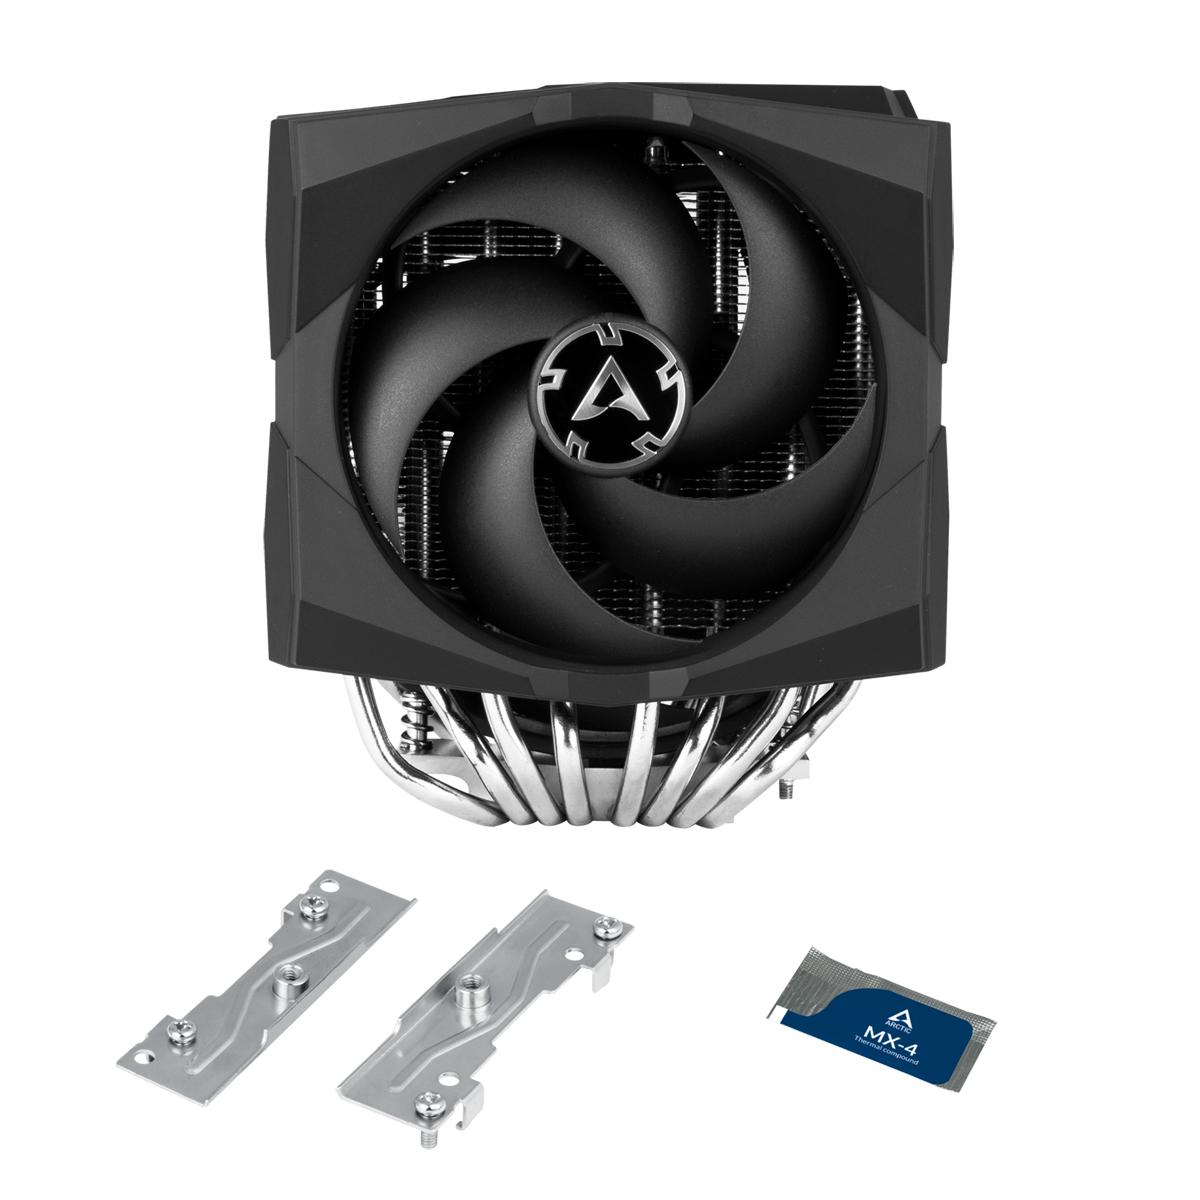 Dual Tower CPU-Kühler für AMD Ryzen™ Threadripper™ ARCTIC Freezer 50 TR Verpackungsinhalt